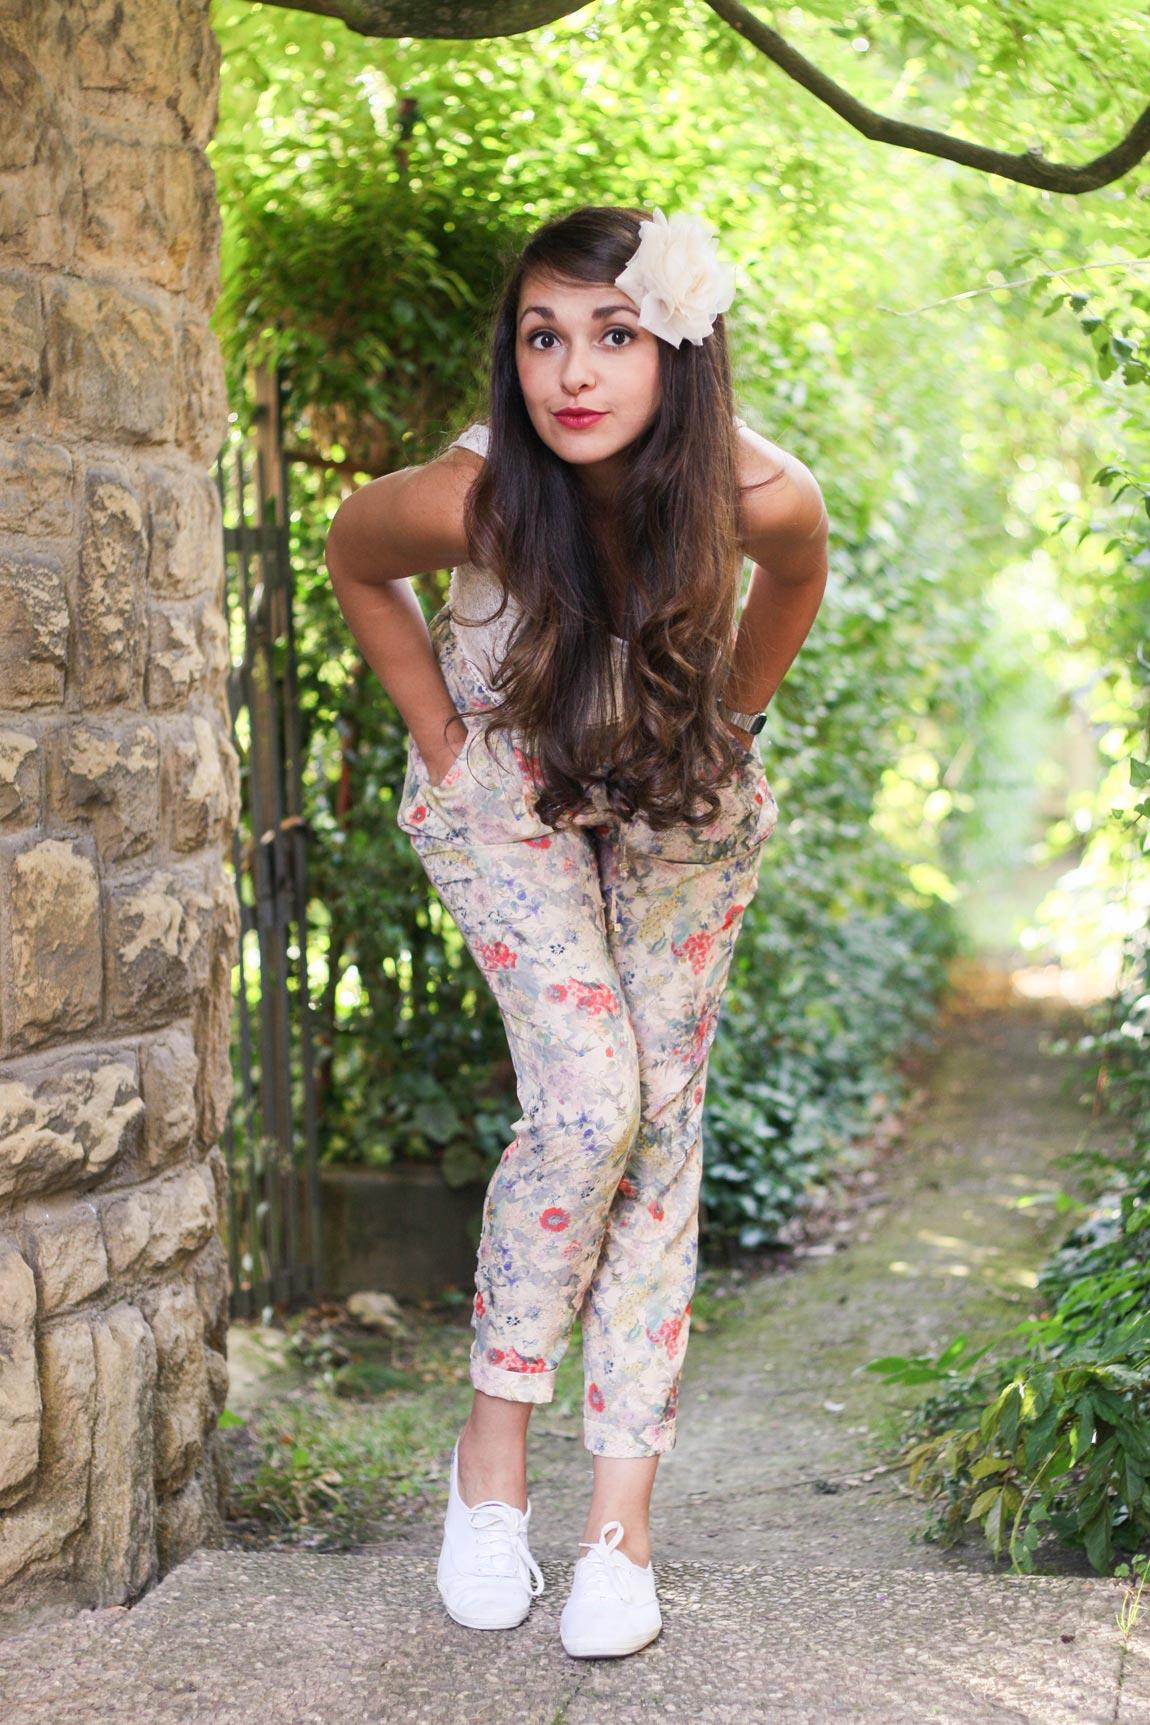 Look #7 de dollyjessy: pantalon imprimé fleuri et haut crop en dentelle, tennis blanches Keds, montre casio, rouge à lèvre prune, pochette bocage